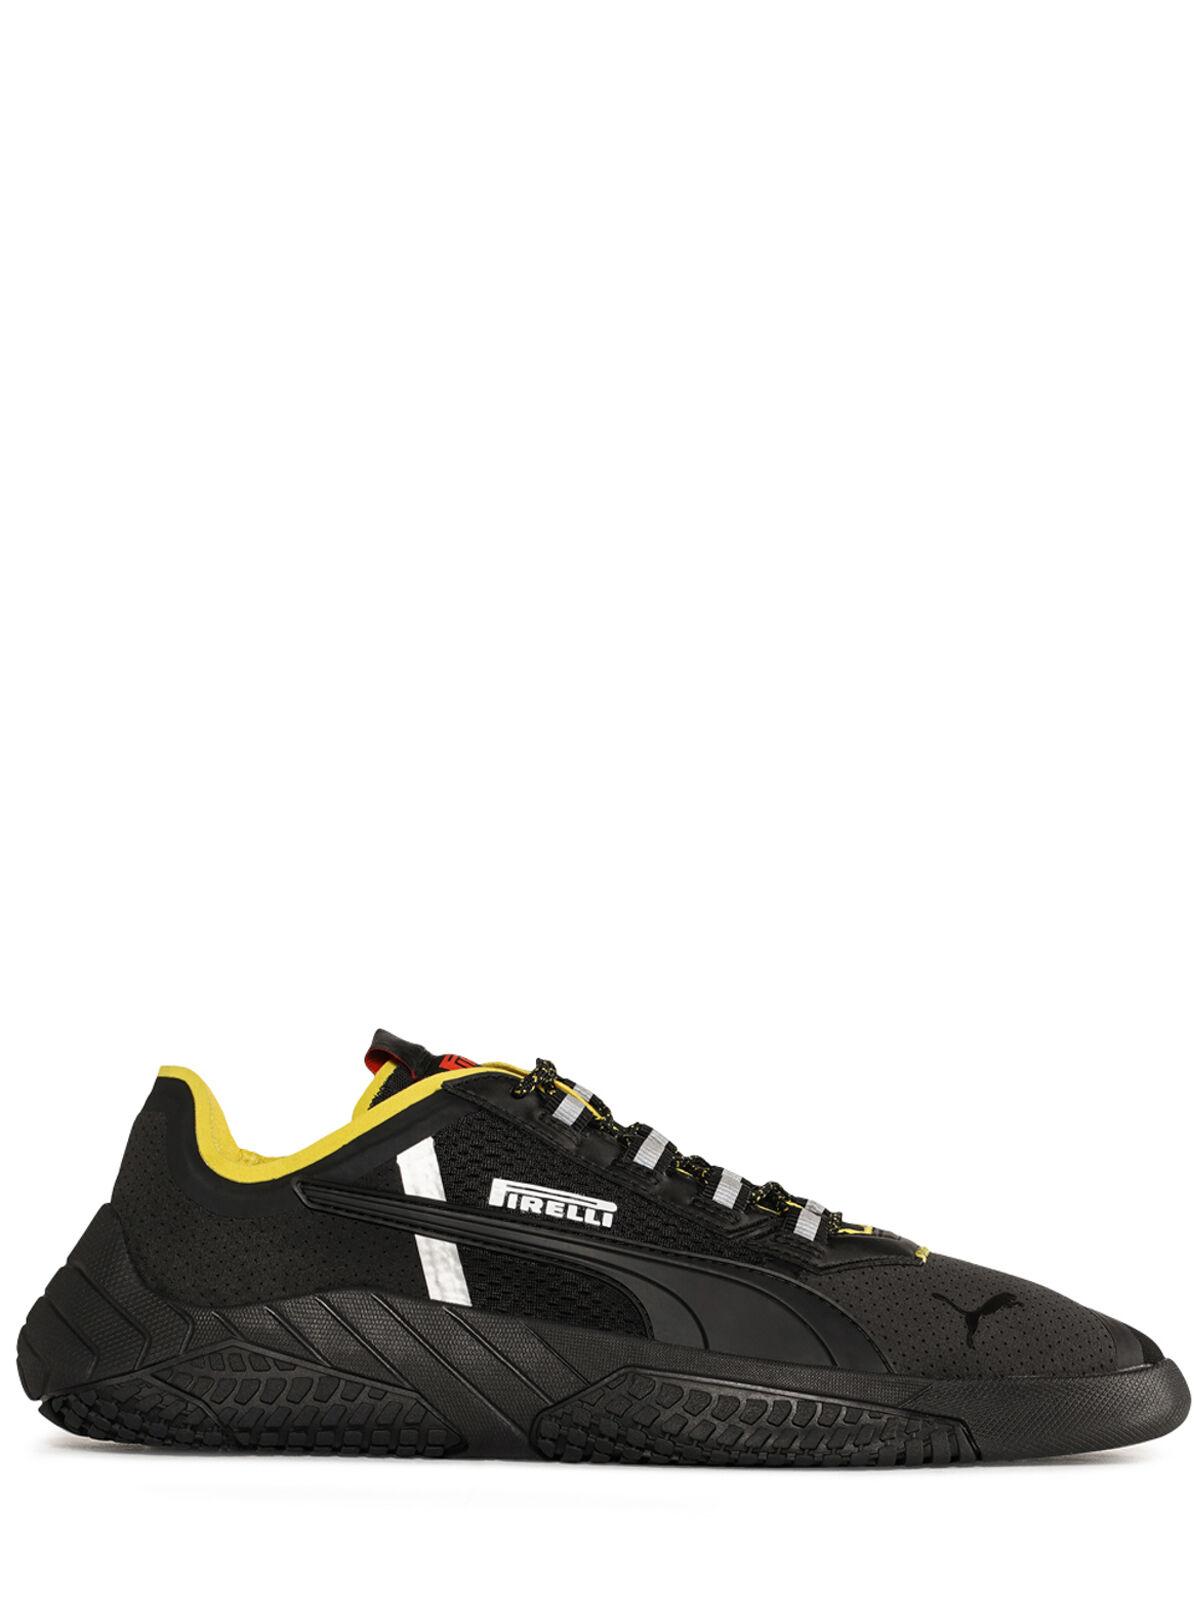 Puma Sneaker Replicat X Pirelli schwarz